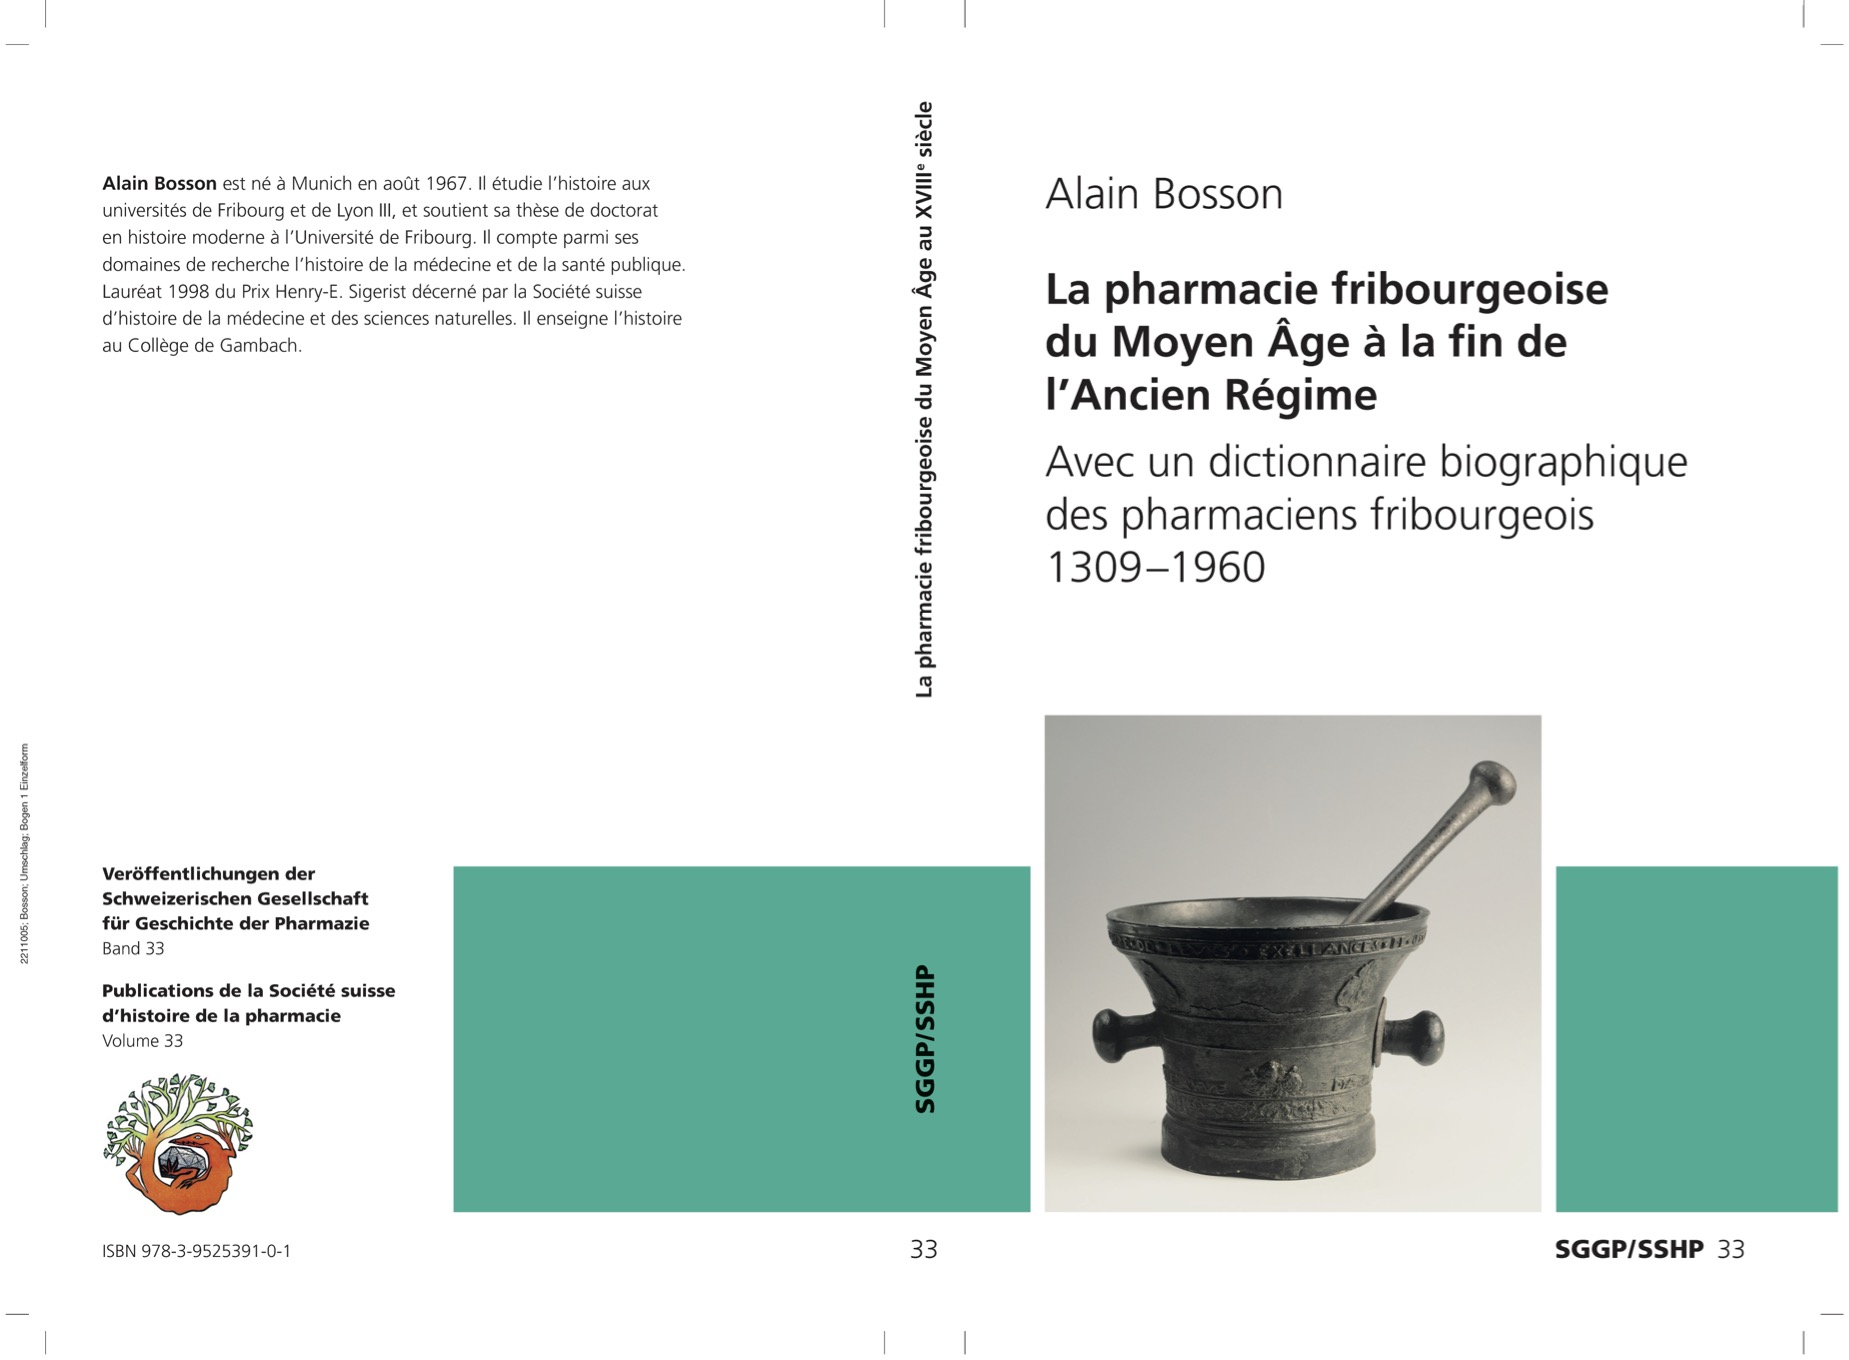 Ein neues Buch der SGGP